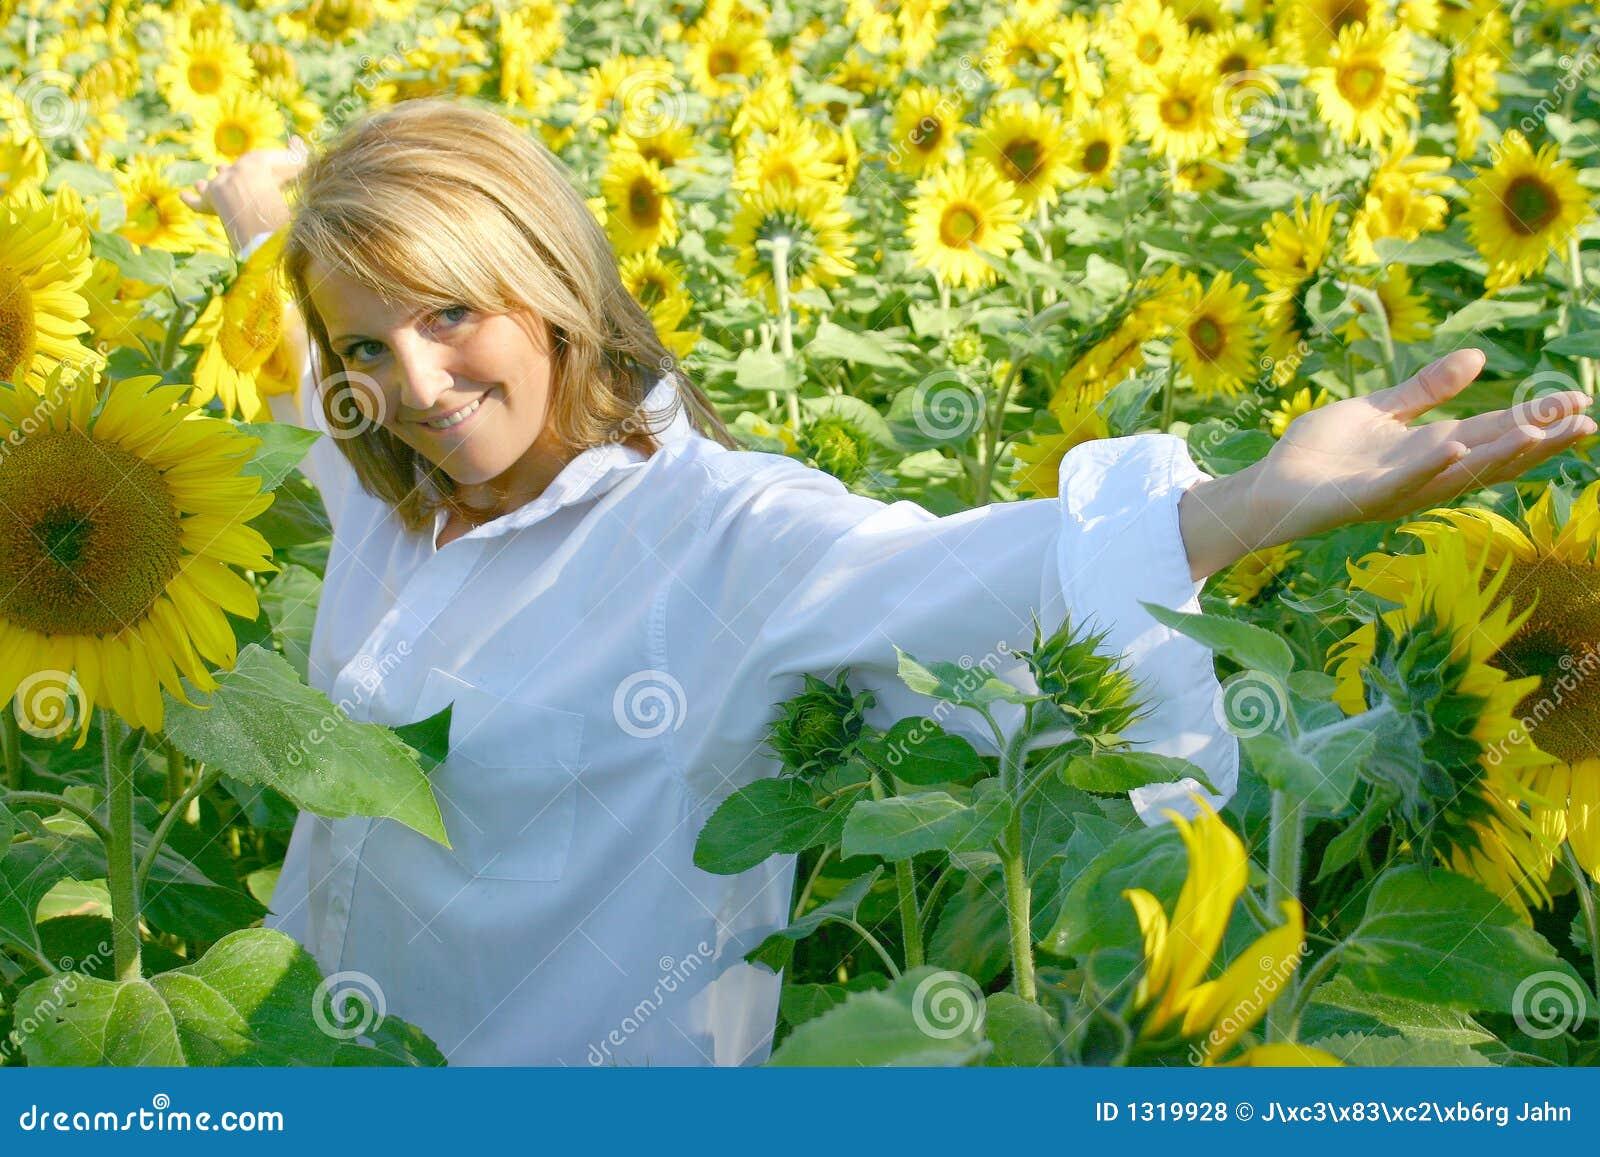 Beautiful Sunflower Woman